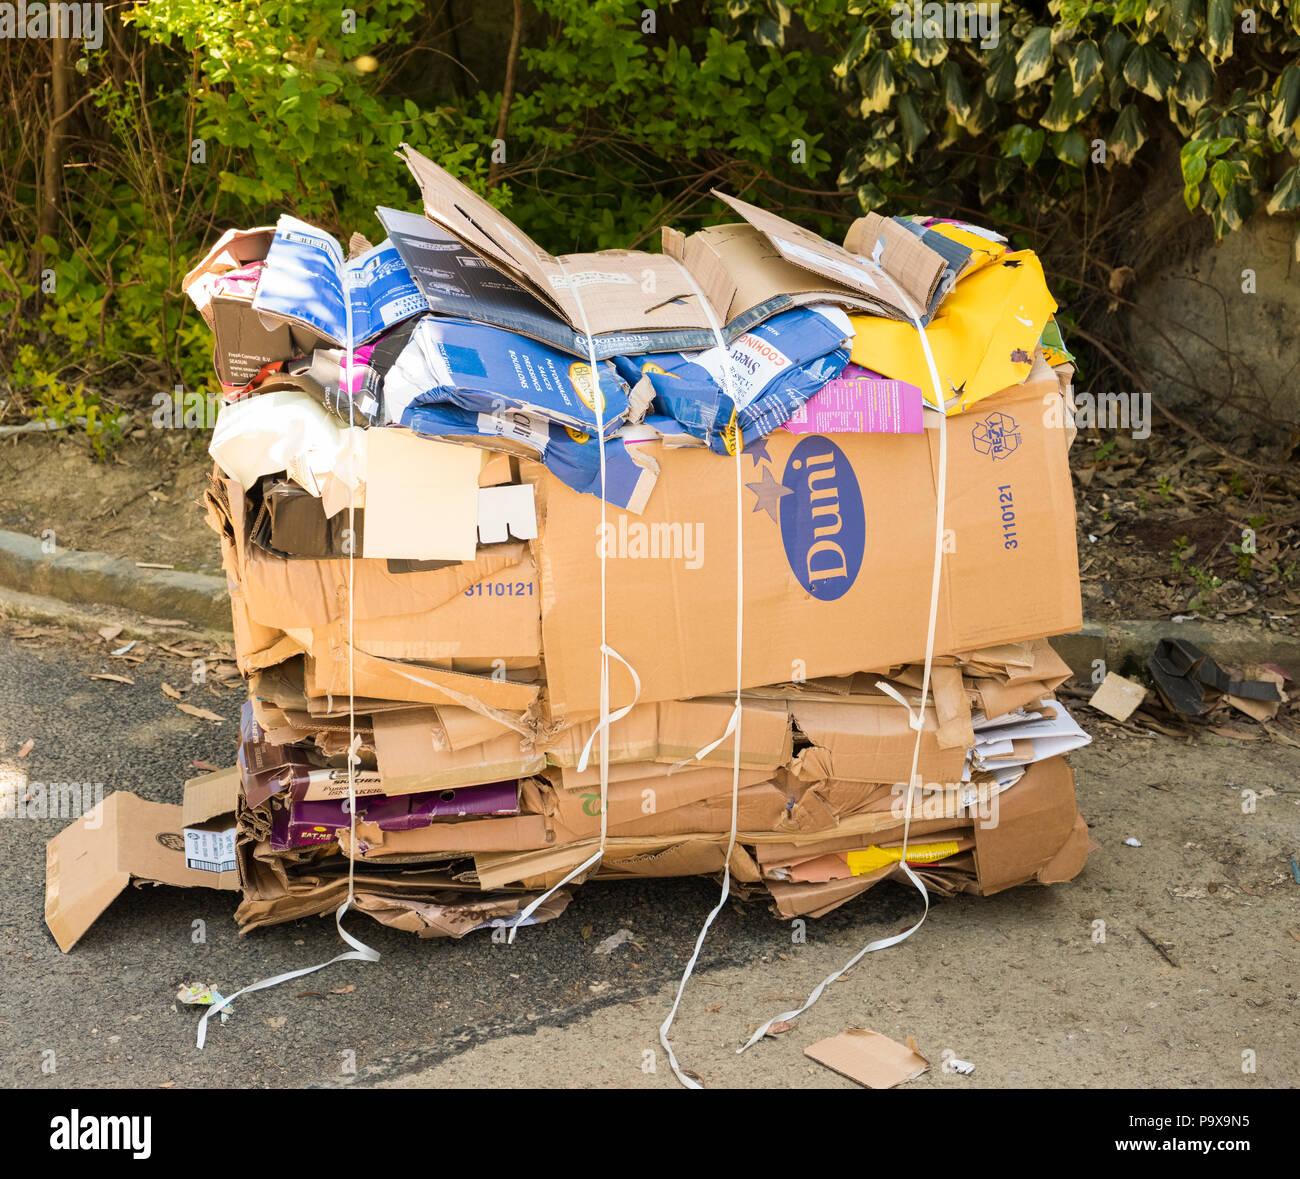 Cajas de cartón aplanados y apilados para la colección de reciclaje, Inglaterra Imagen De Stock